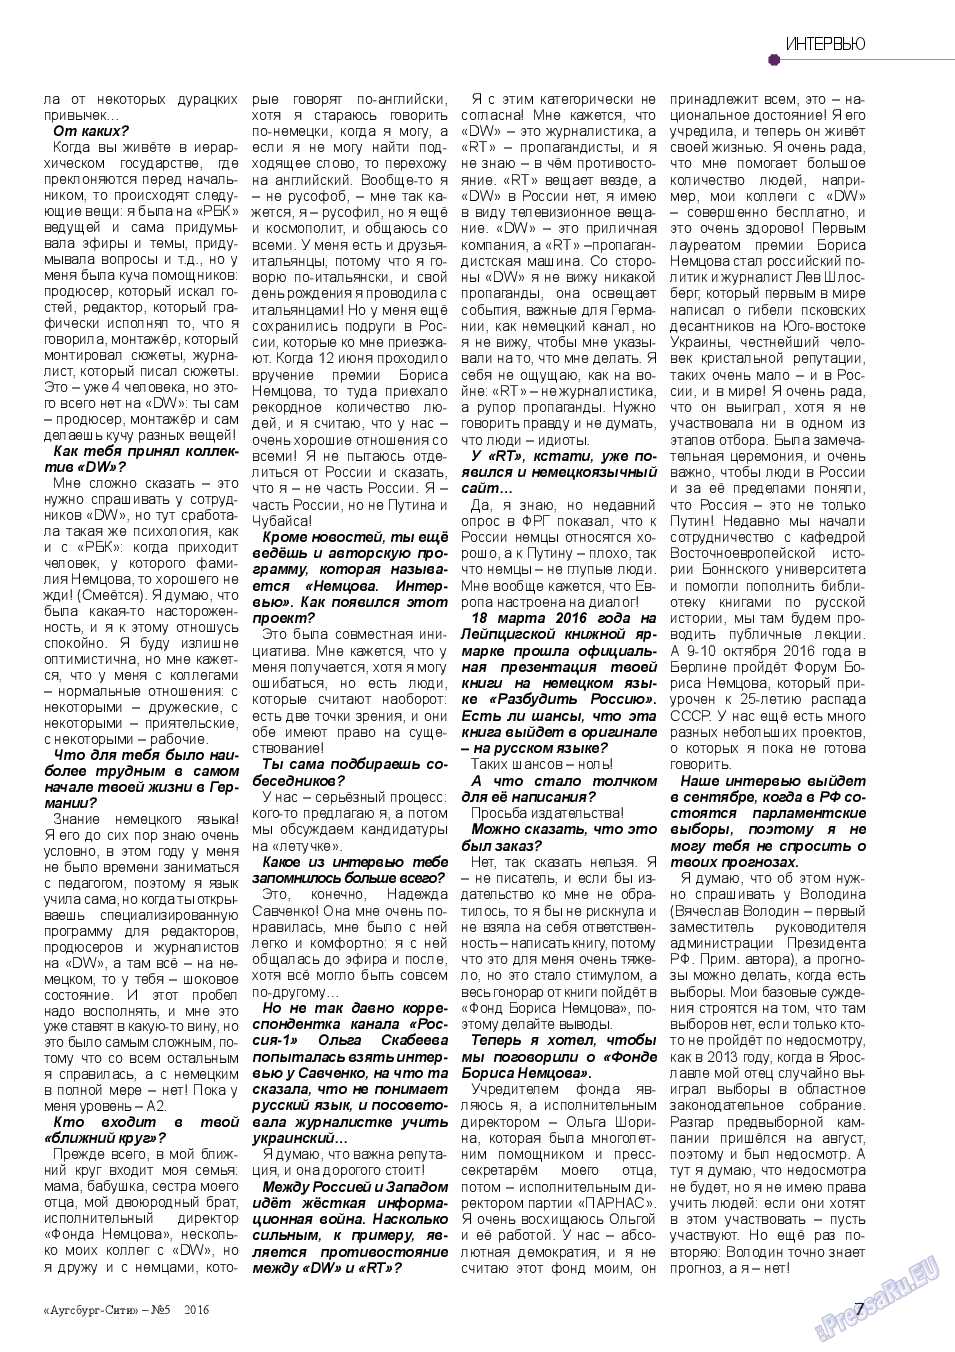 Аугсбург-сити (журнал). 2016 год, номер 5, стр. 7